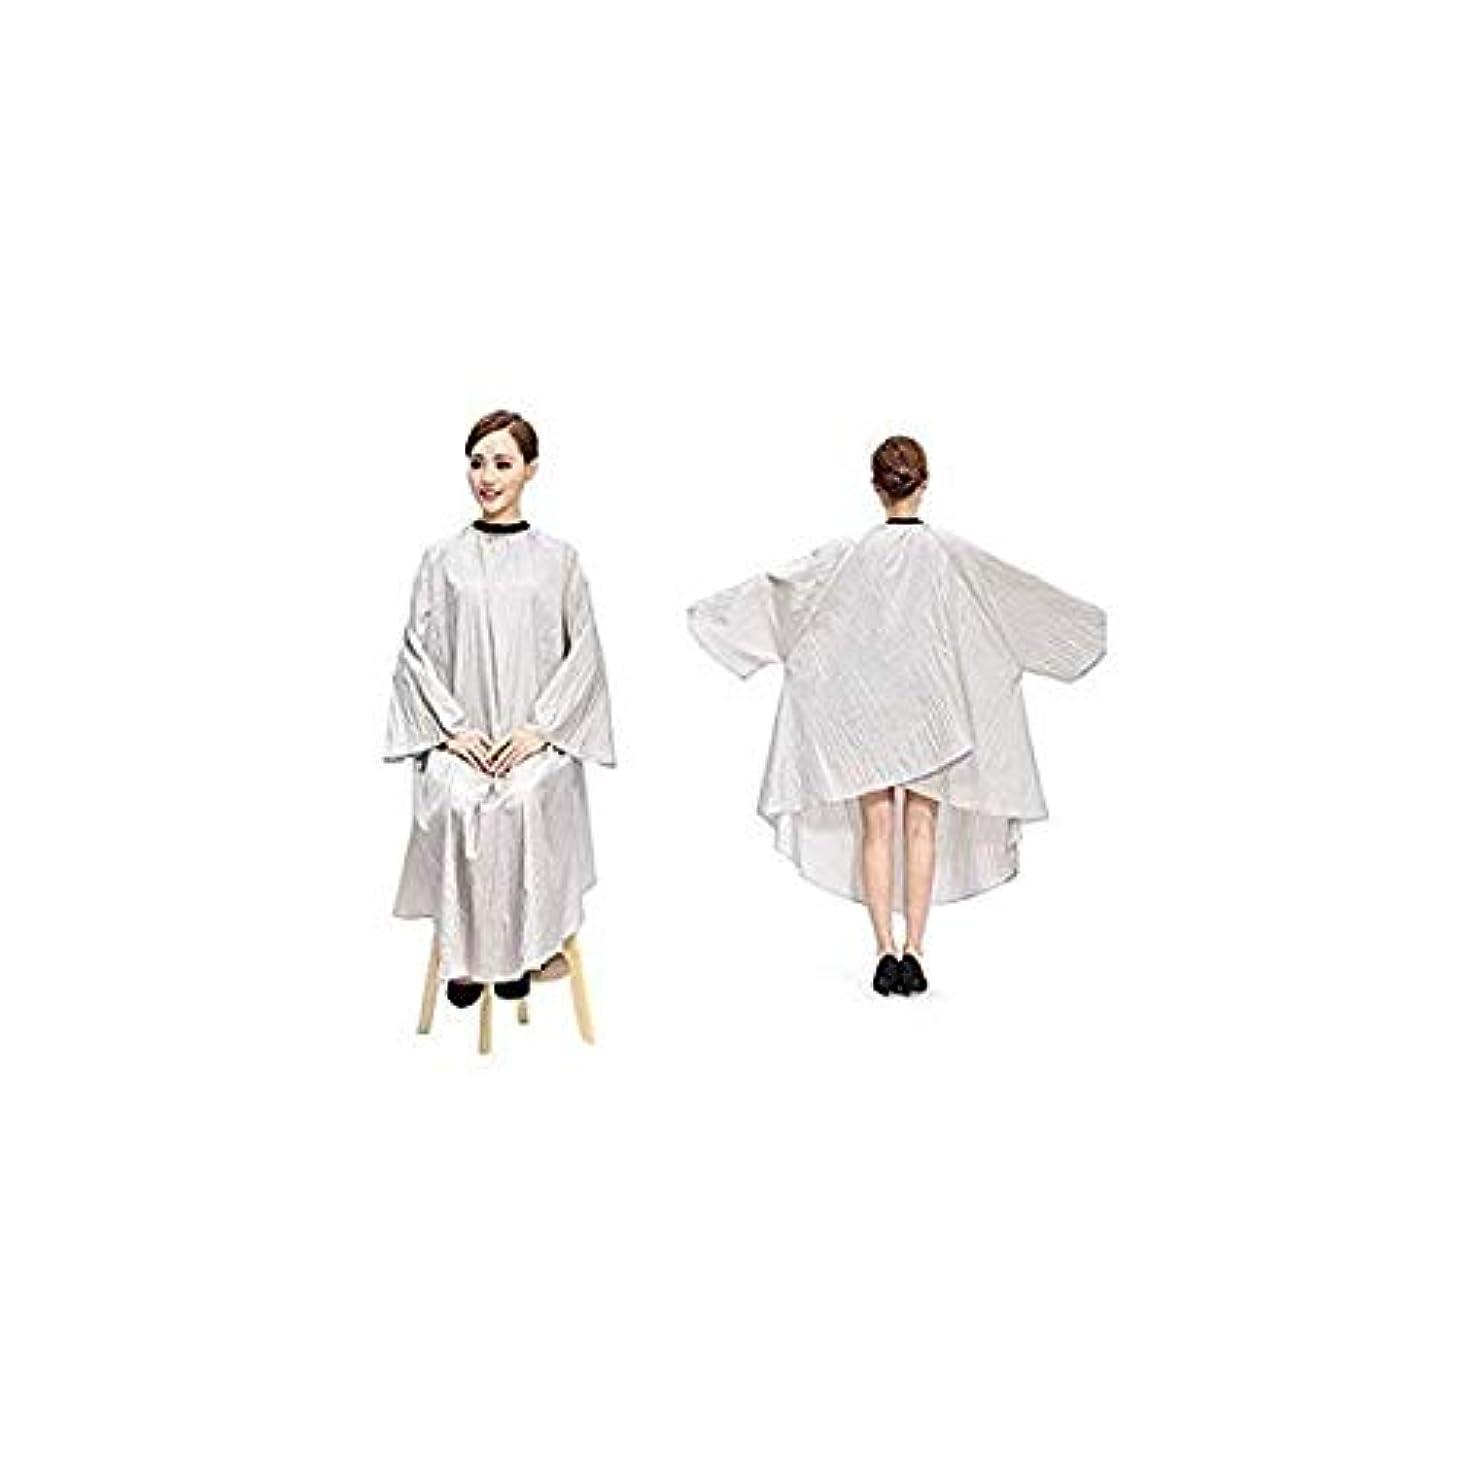 縫い目仕方ダンス散髪ケープ ヘアエプロン 散髪マント サロン ヘア エプロン 散髪 ヘアーエプロン 175*145cm 美容師 刈布